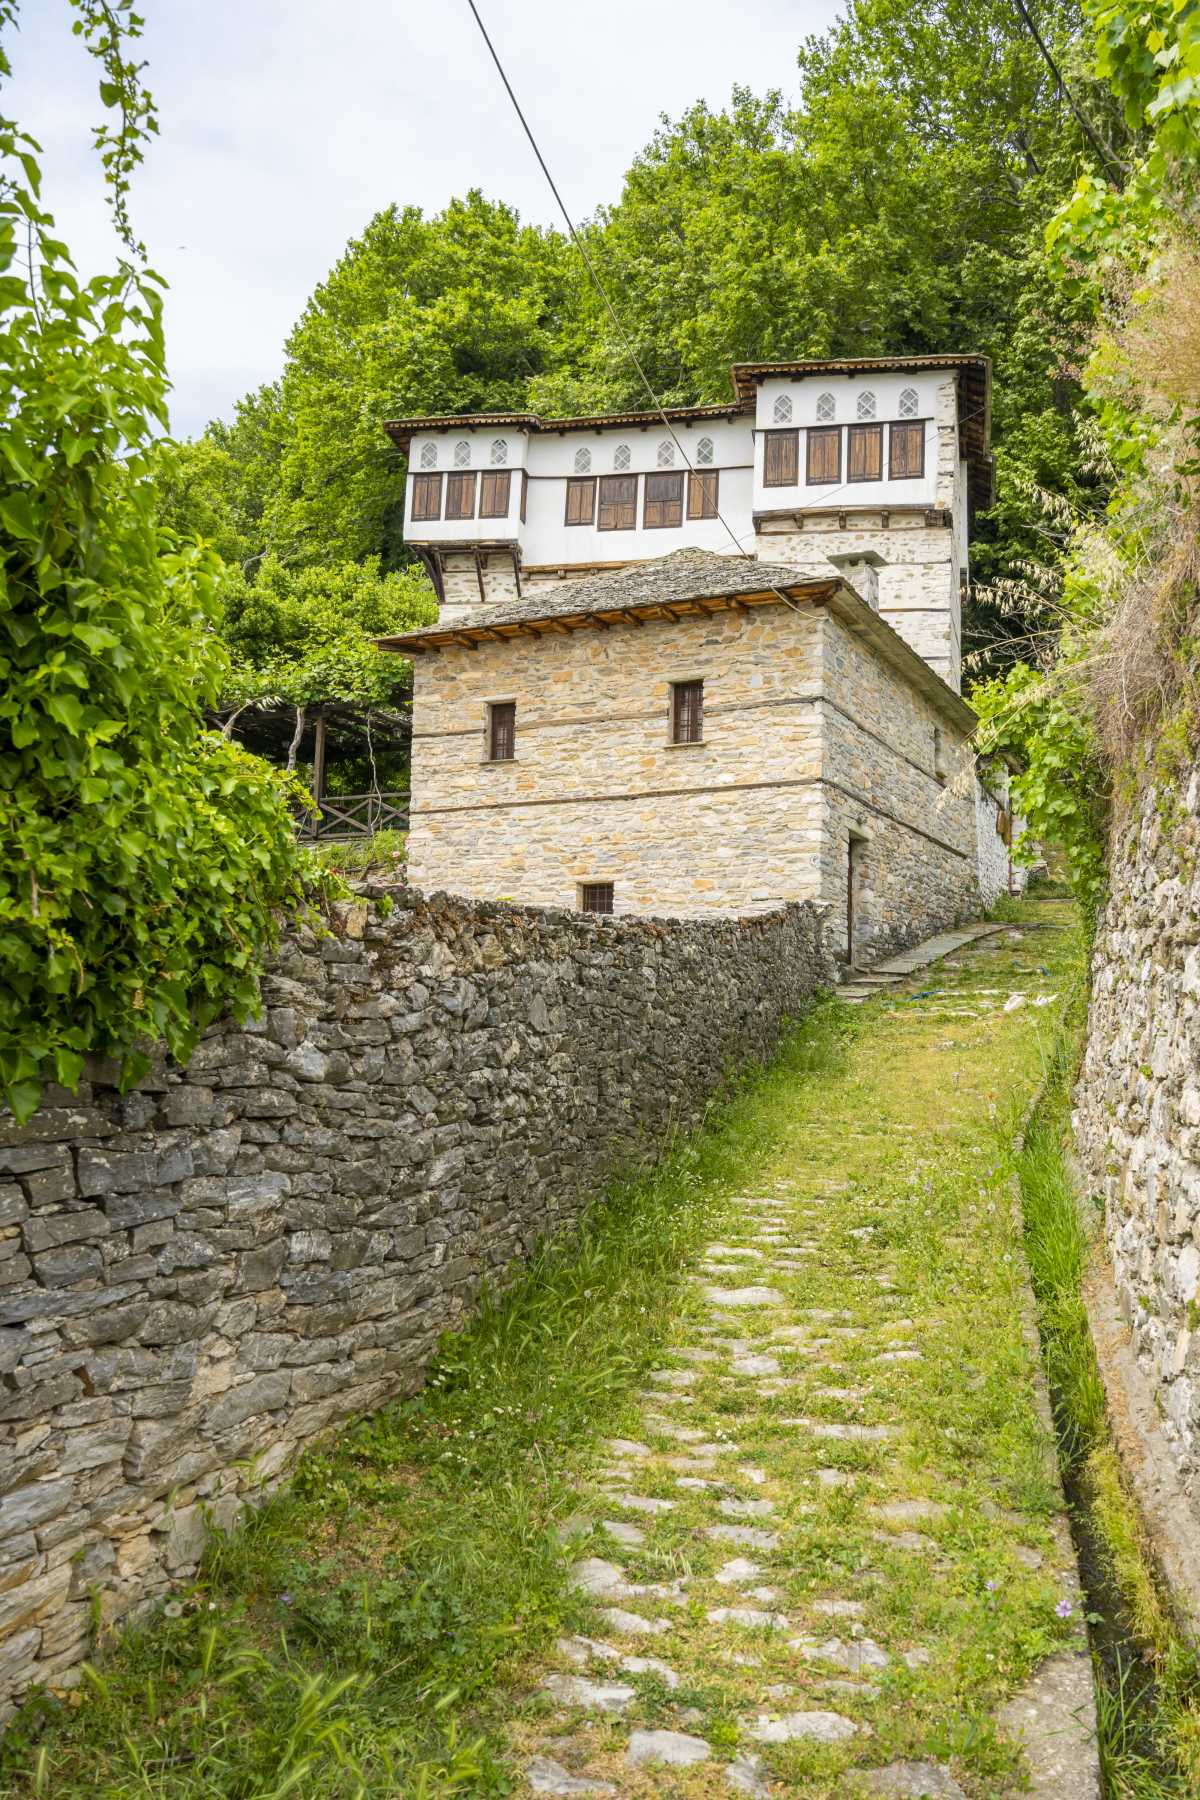 Βυζίτσα, η αρχιτεκτονική των σπιτιών στο χωριό